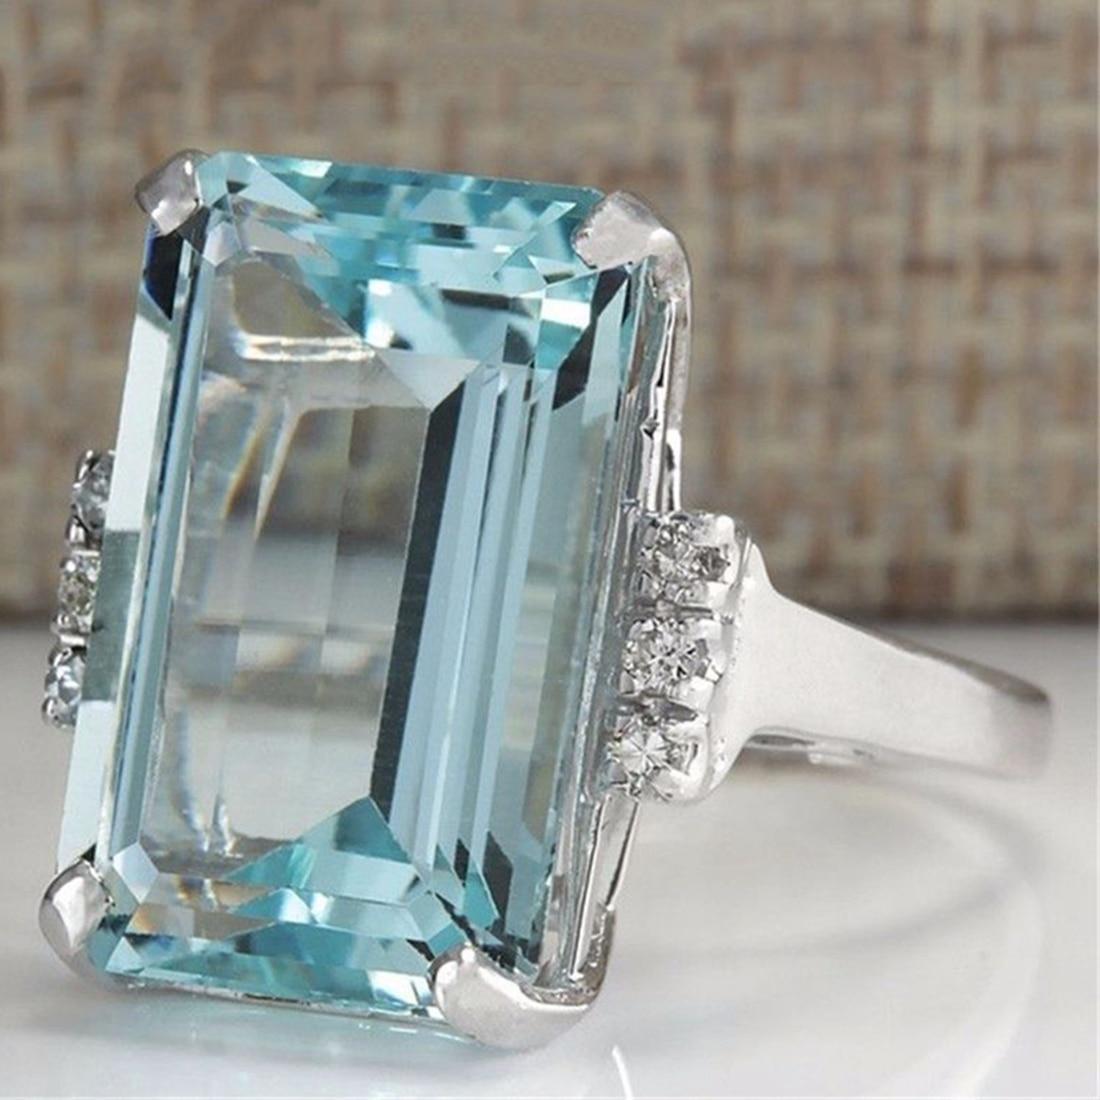 גדול כחול CZ מעוקב זירקון אבן כסף טבעות נשים תכשיטים האהבה יום מתנה